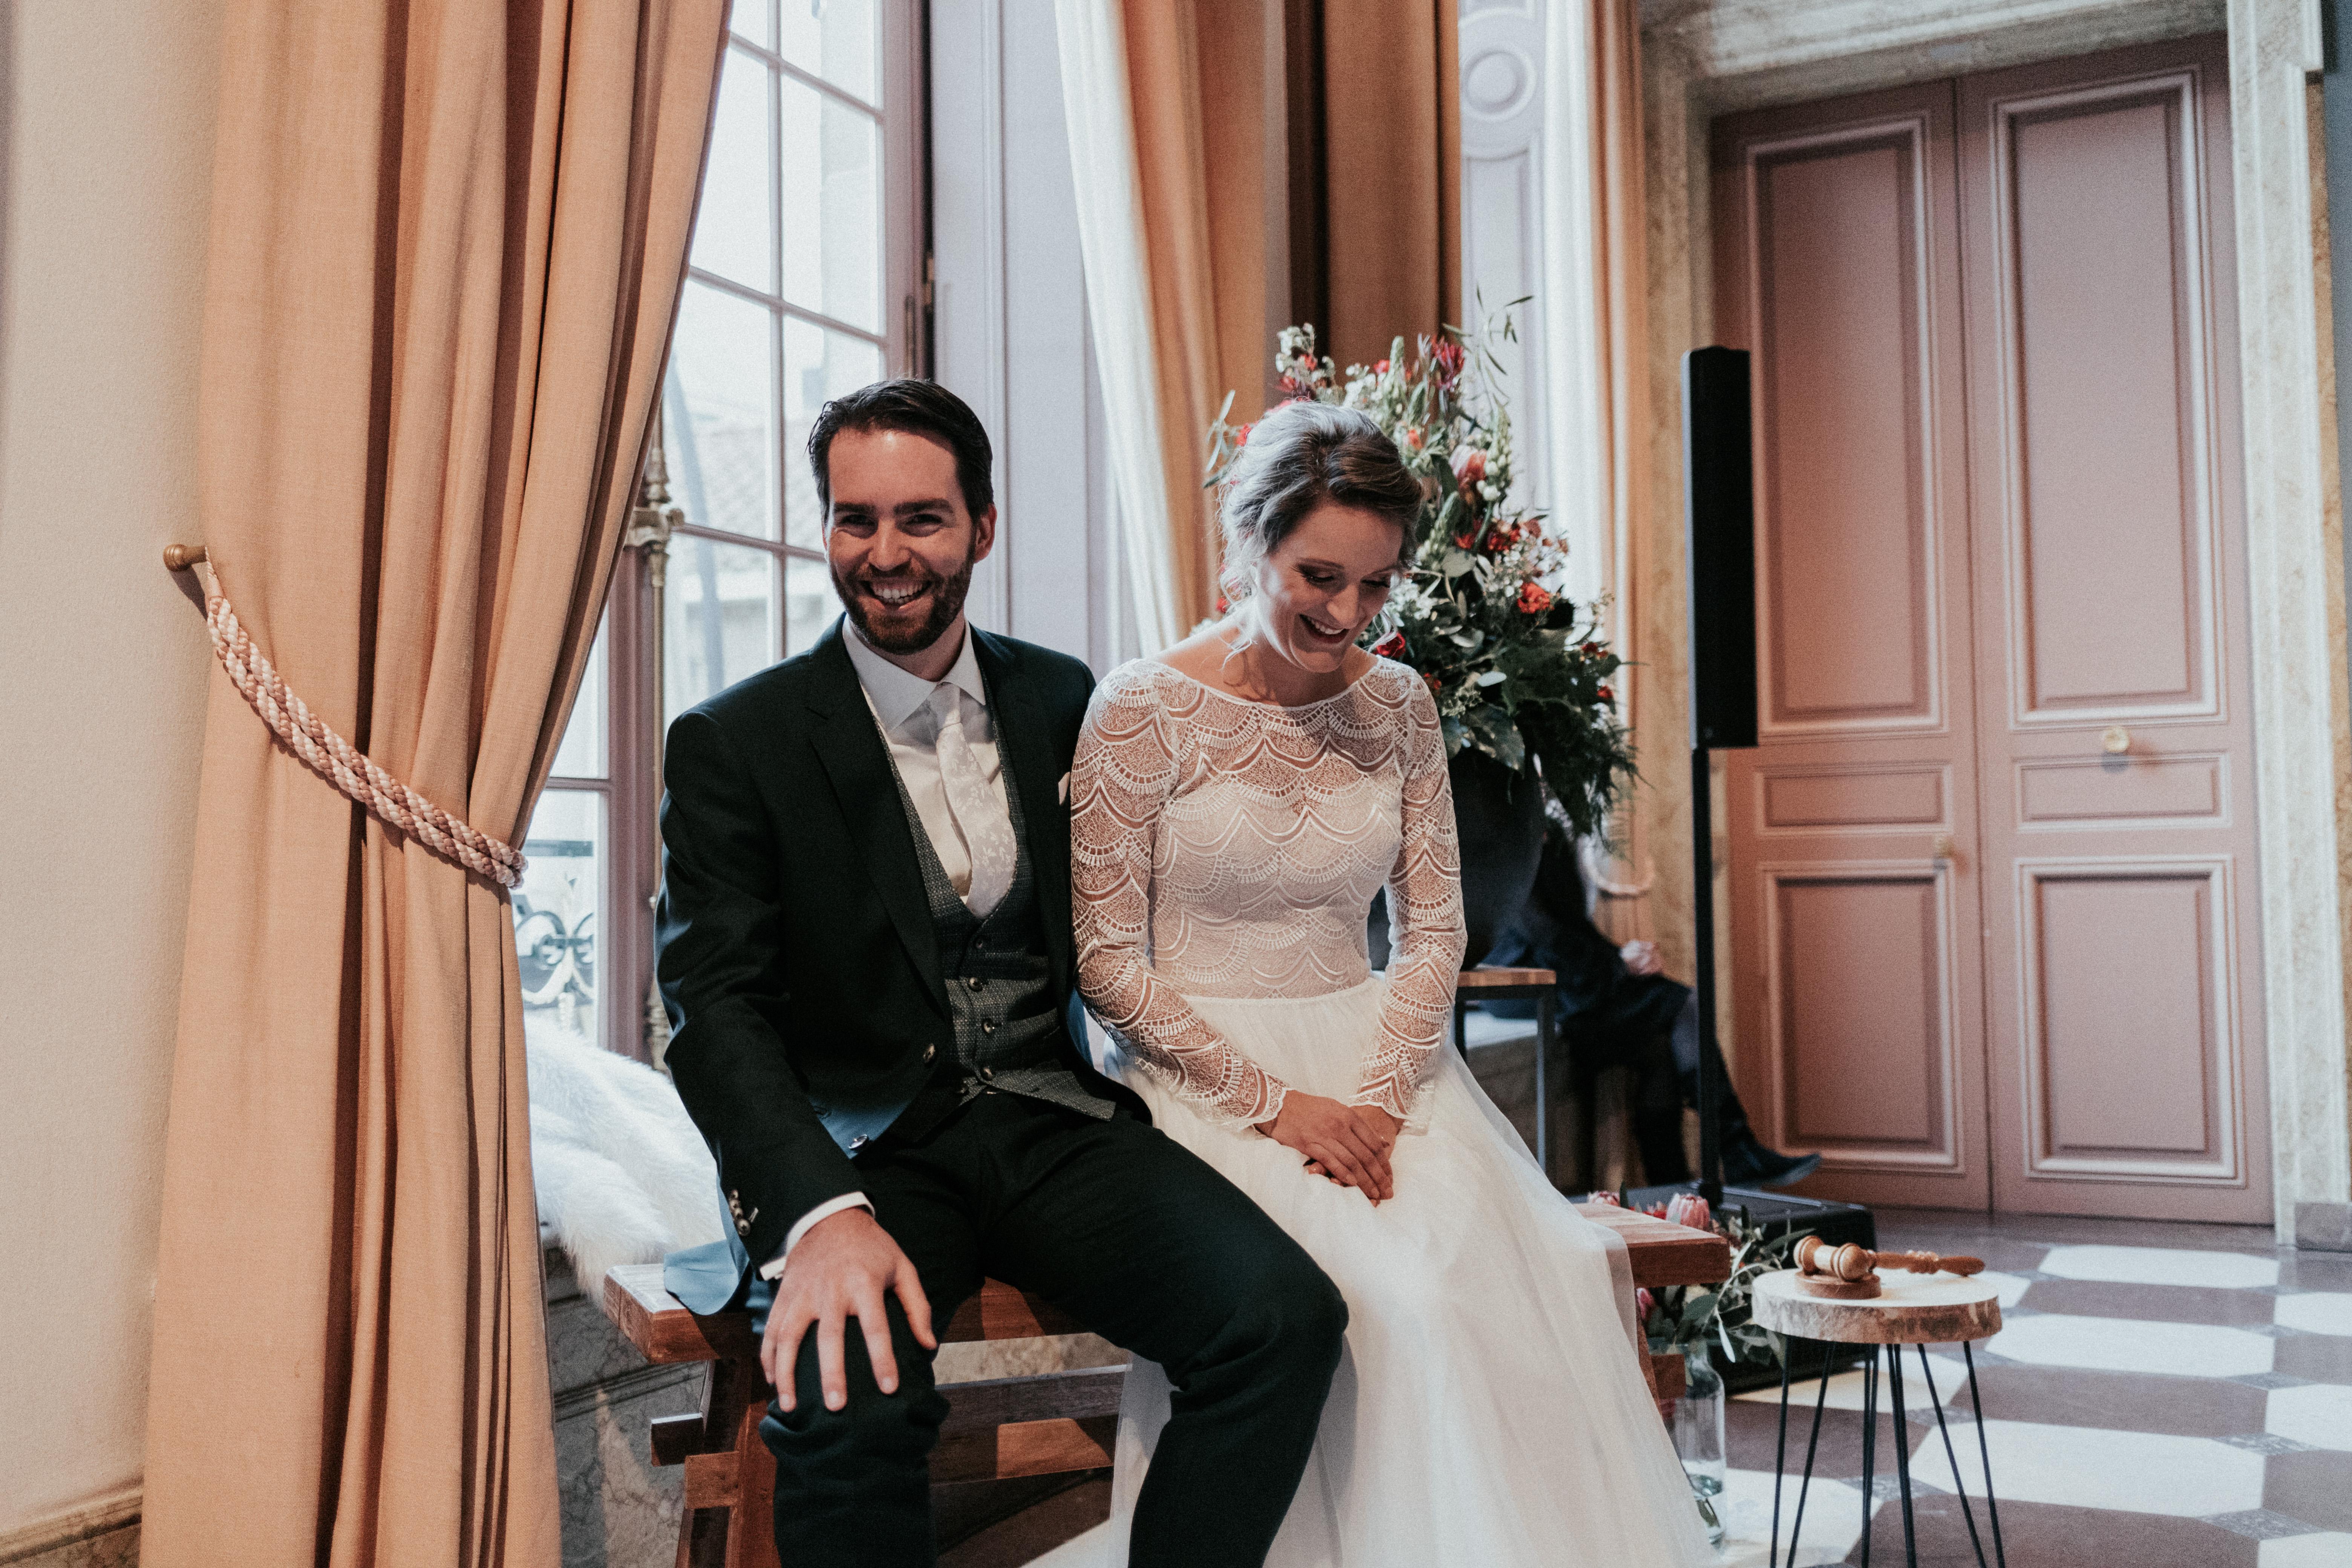 ceremonie tintelend trouwen